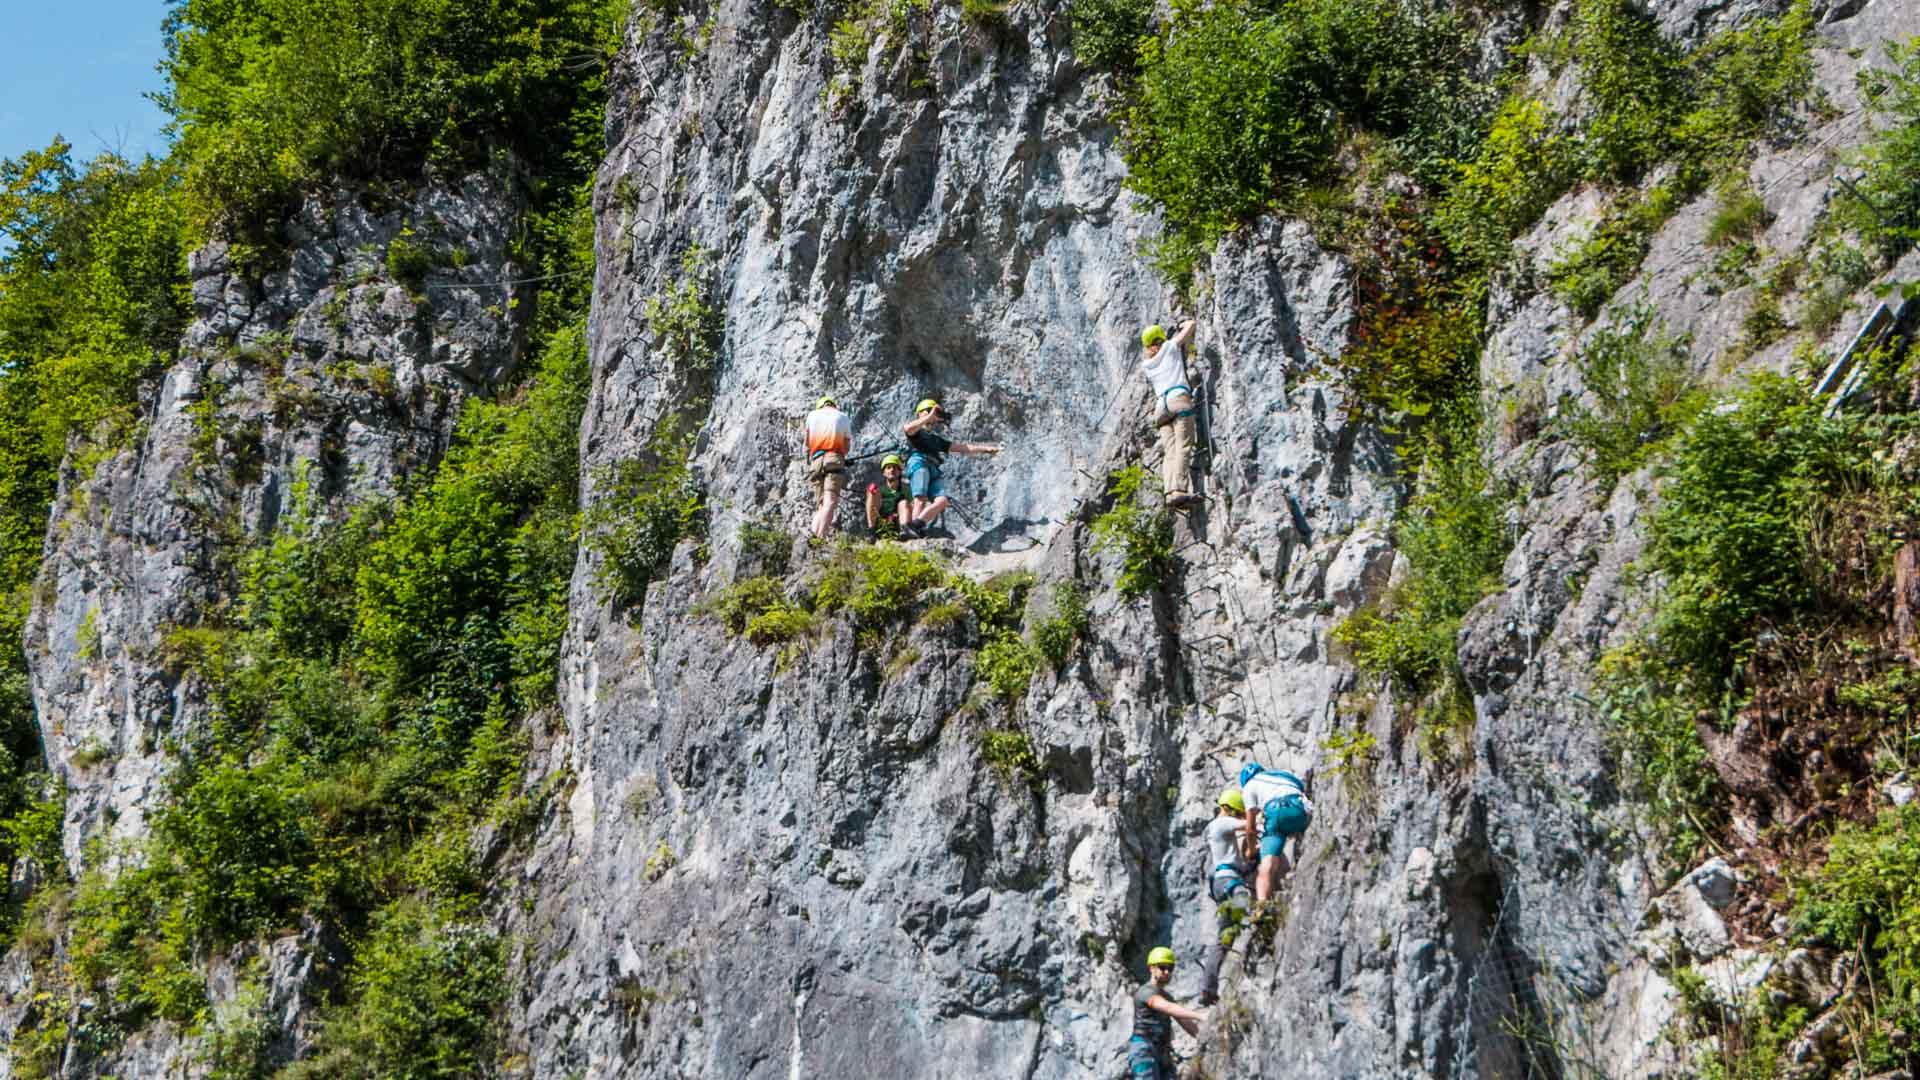 klettersteigkurs-fuer-einsteiger-in-berchtesgaden